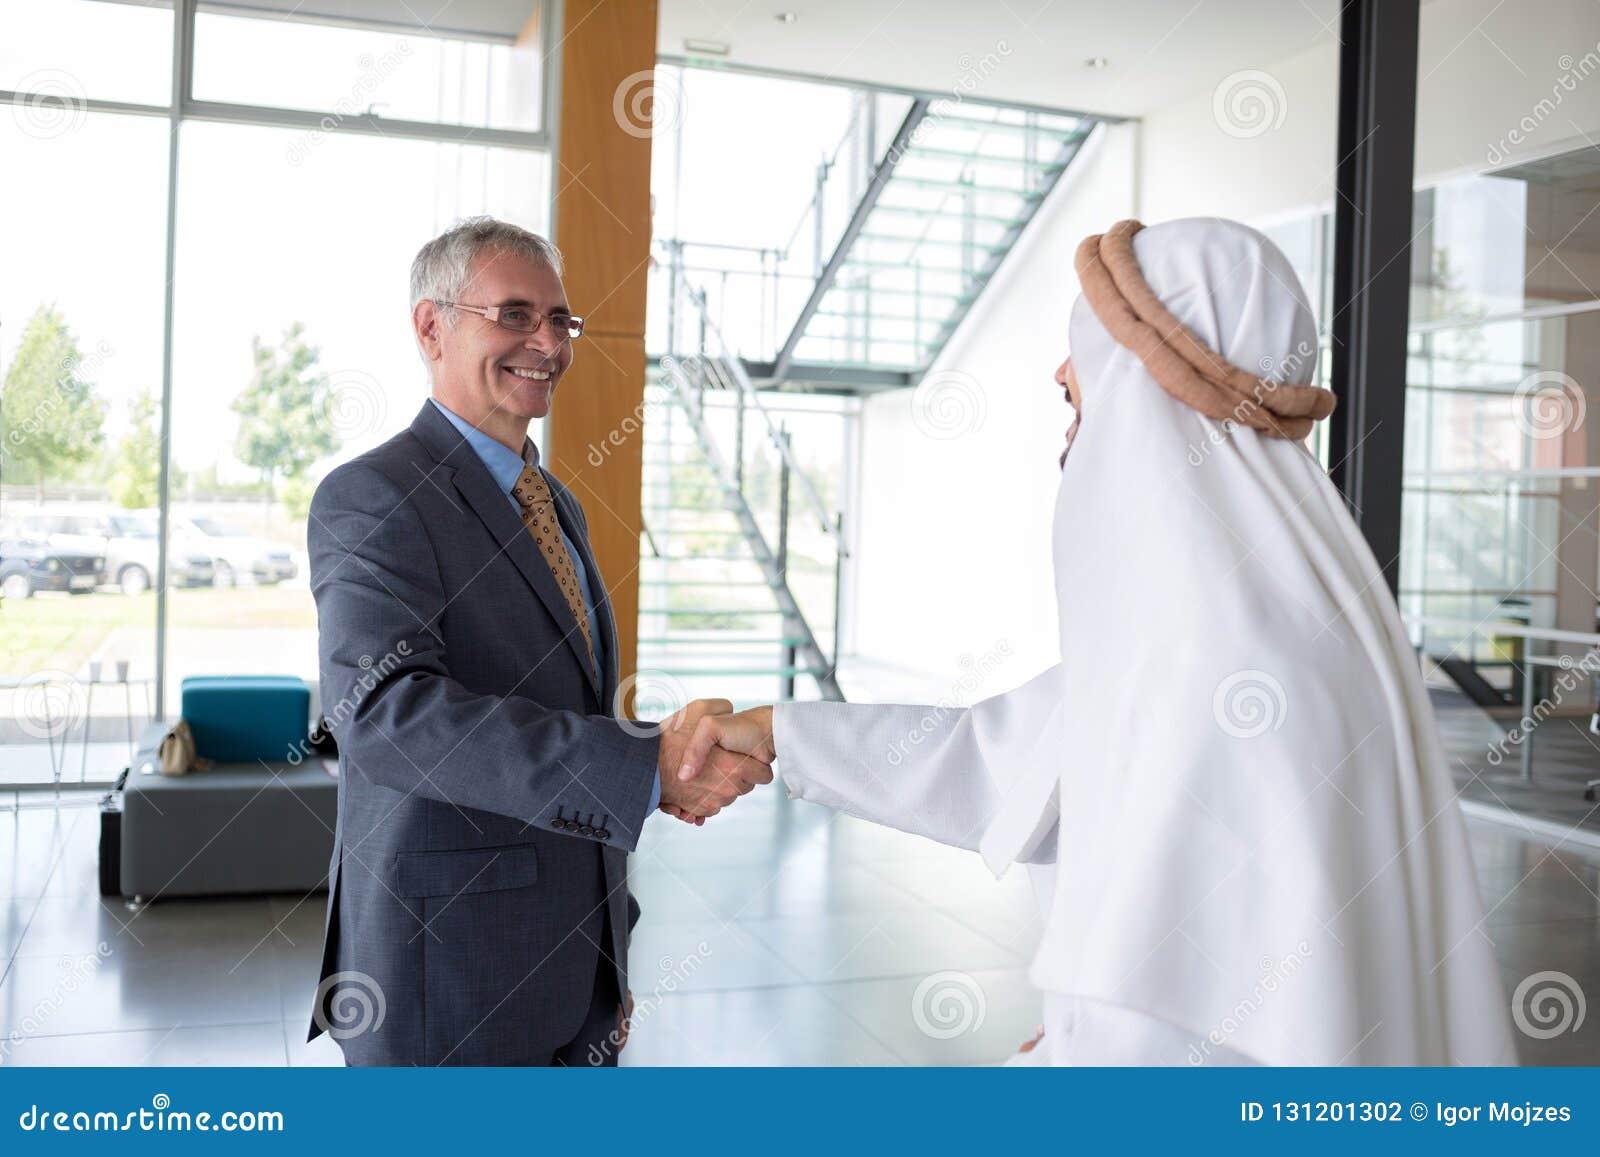 Businessman And Arabian Partner Handshake Stock Photo